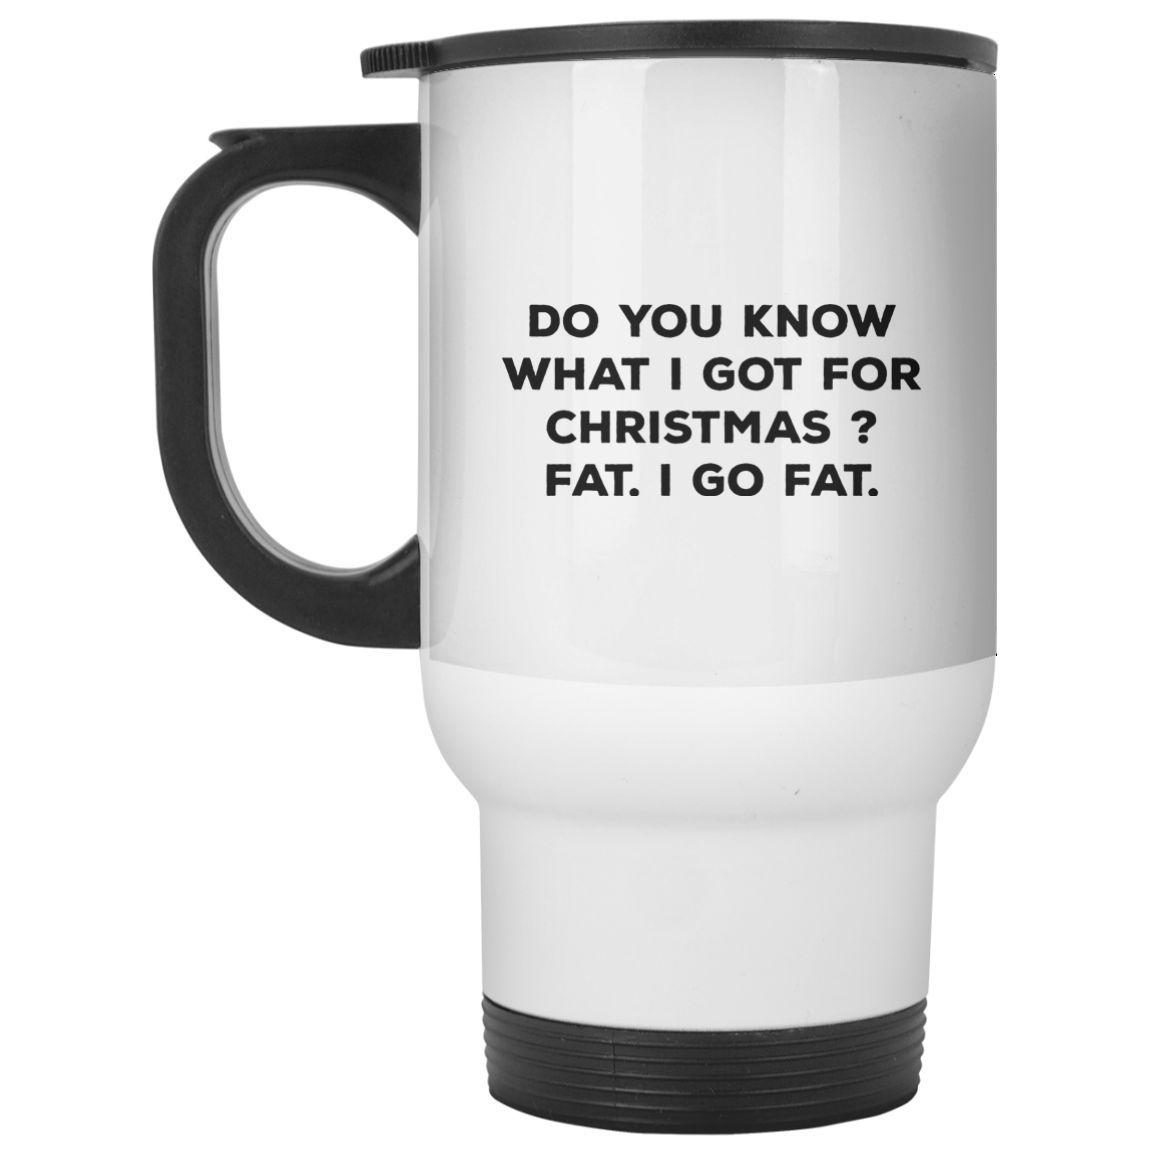 Do You Know What I Got For Christmas Fat I Go Fat MUG Travel Mug